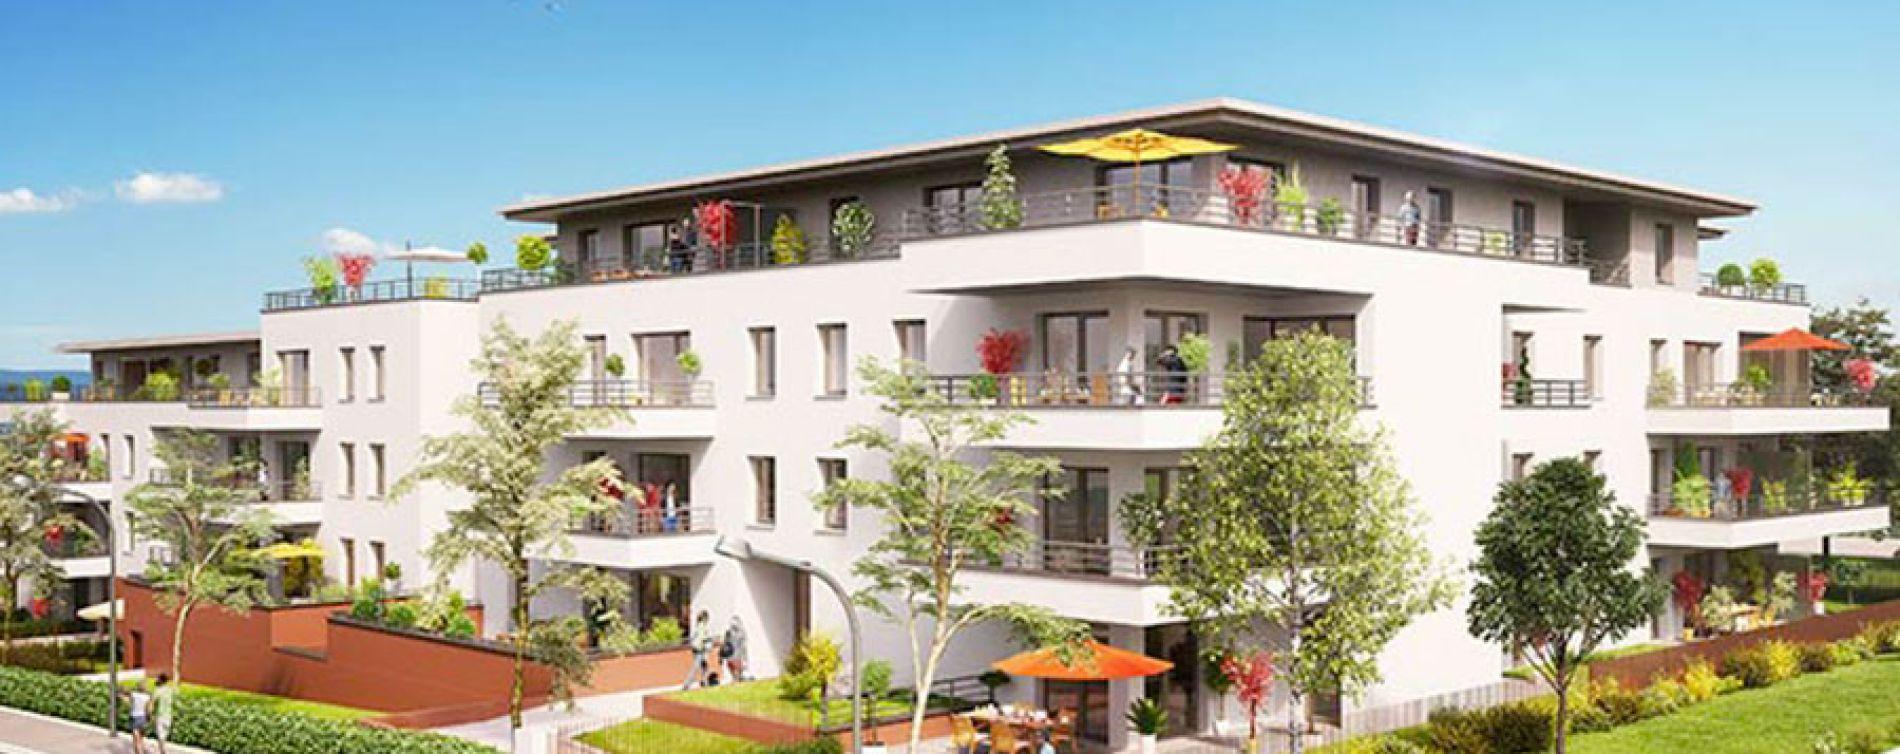 Résidence L'Aparté à Villers-lès-Nancy